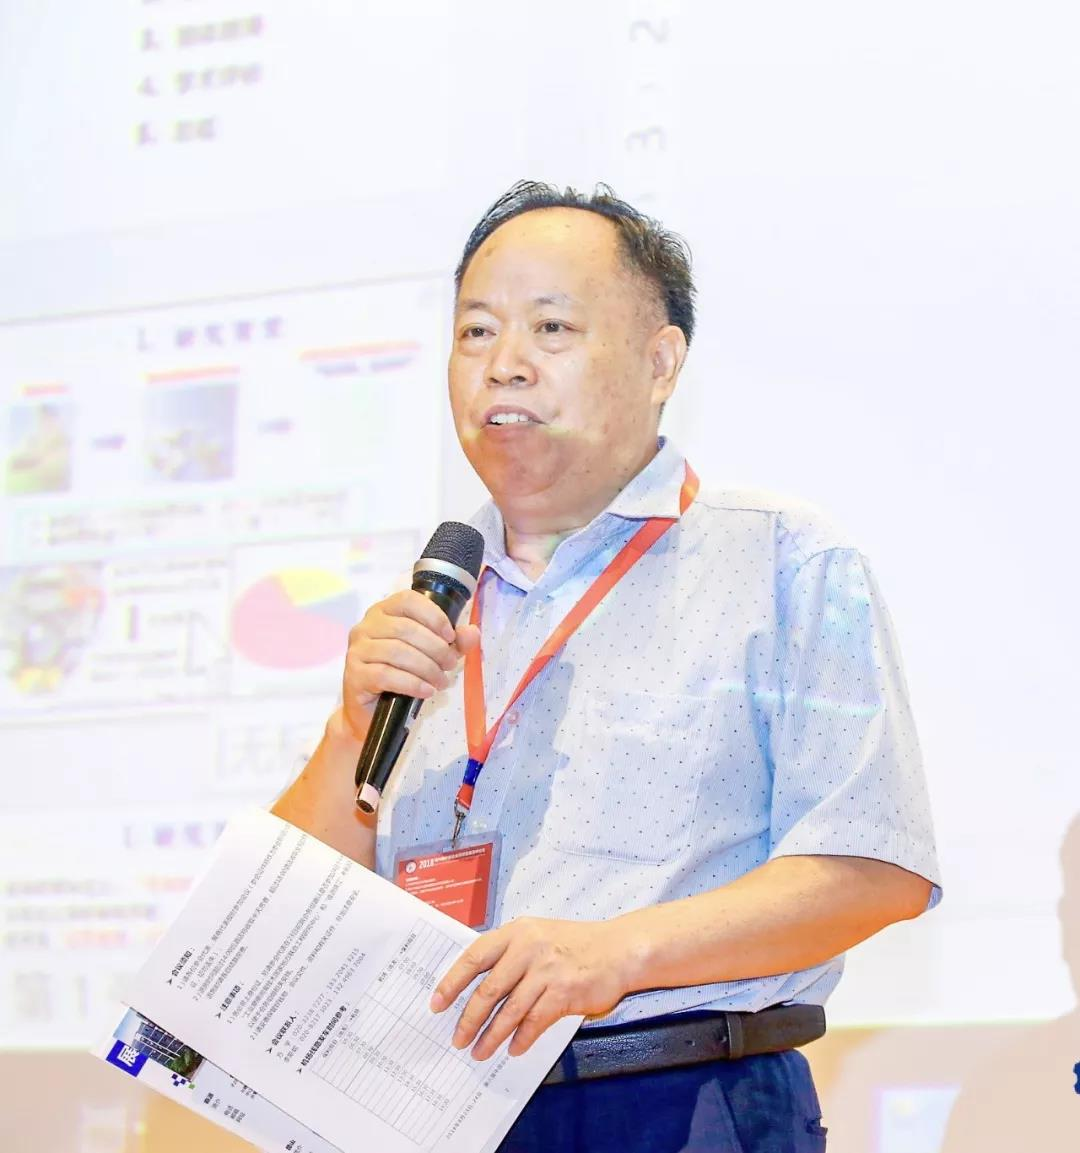 华南理工大学谢小鹏教授主持主旨报告会.jpg